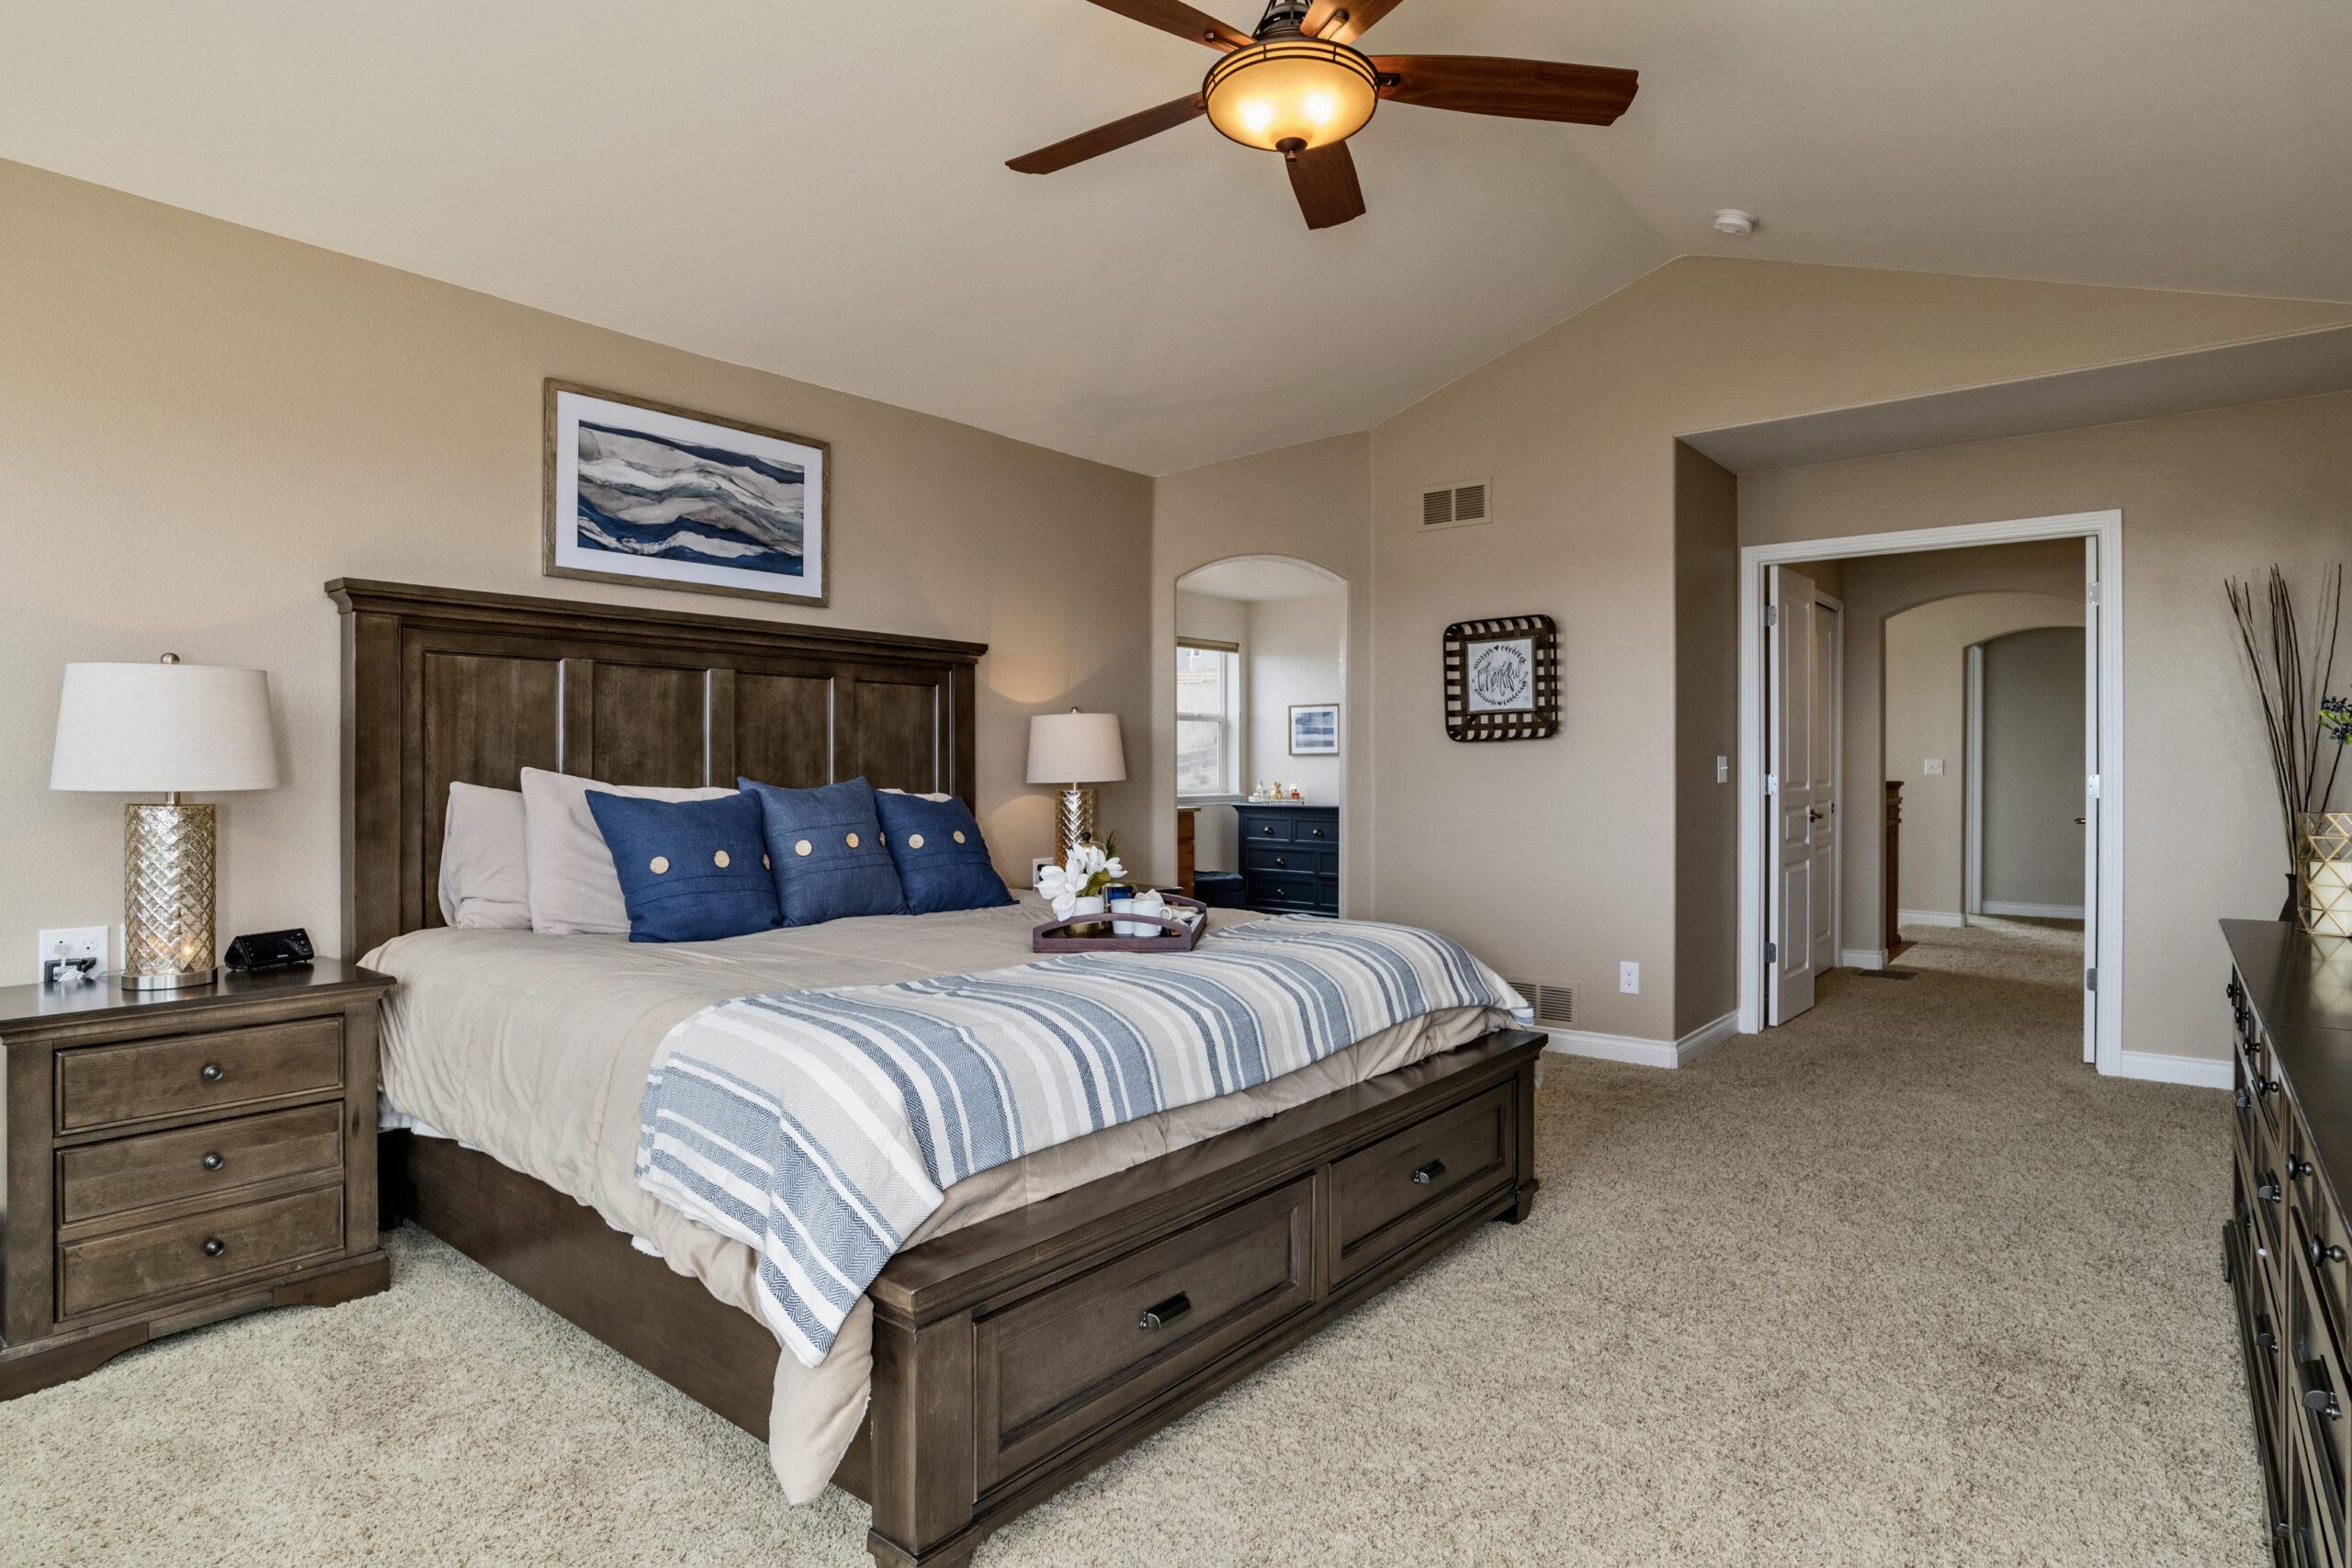 Bedroom Interior Redesign